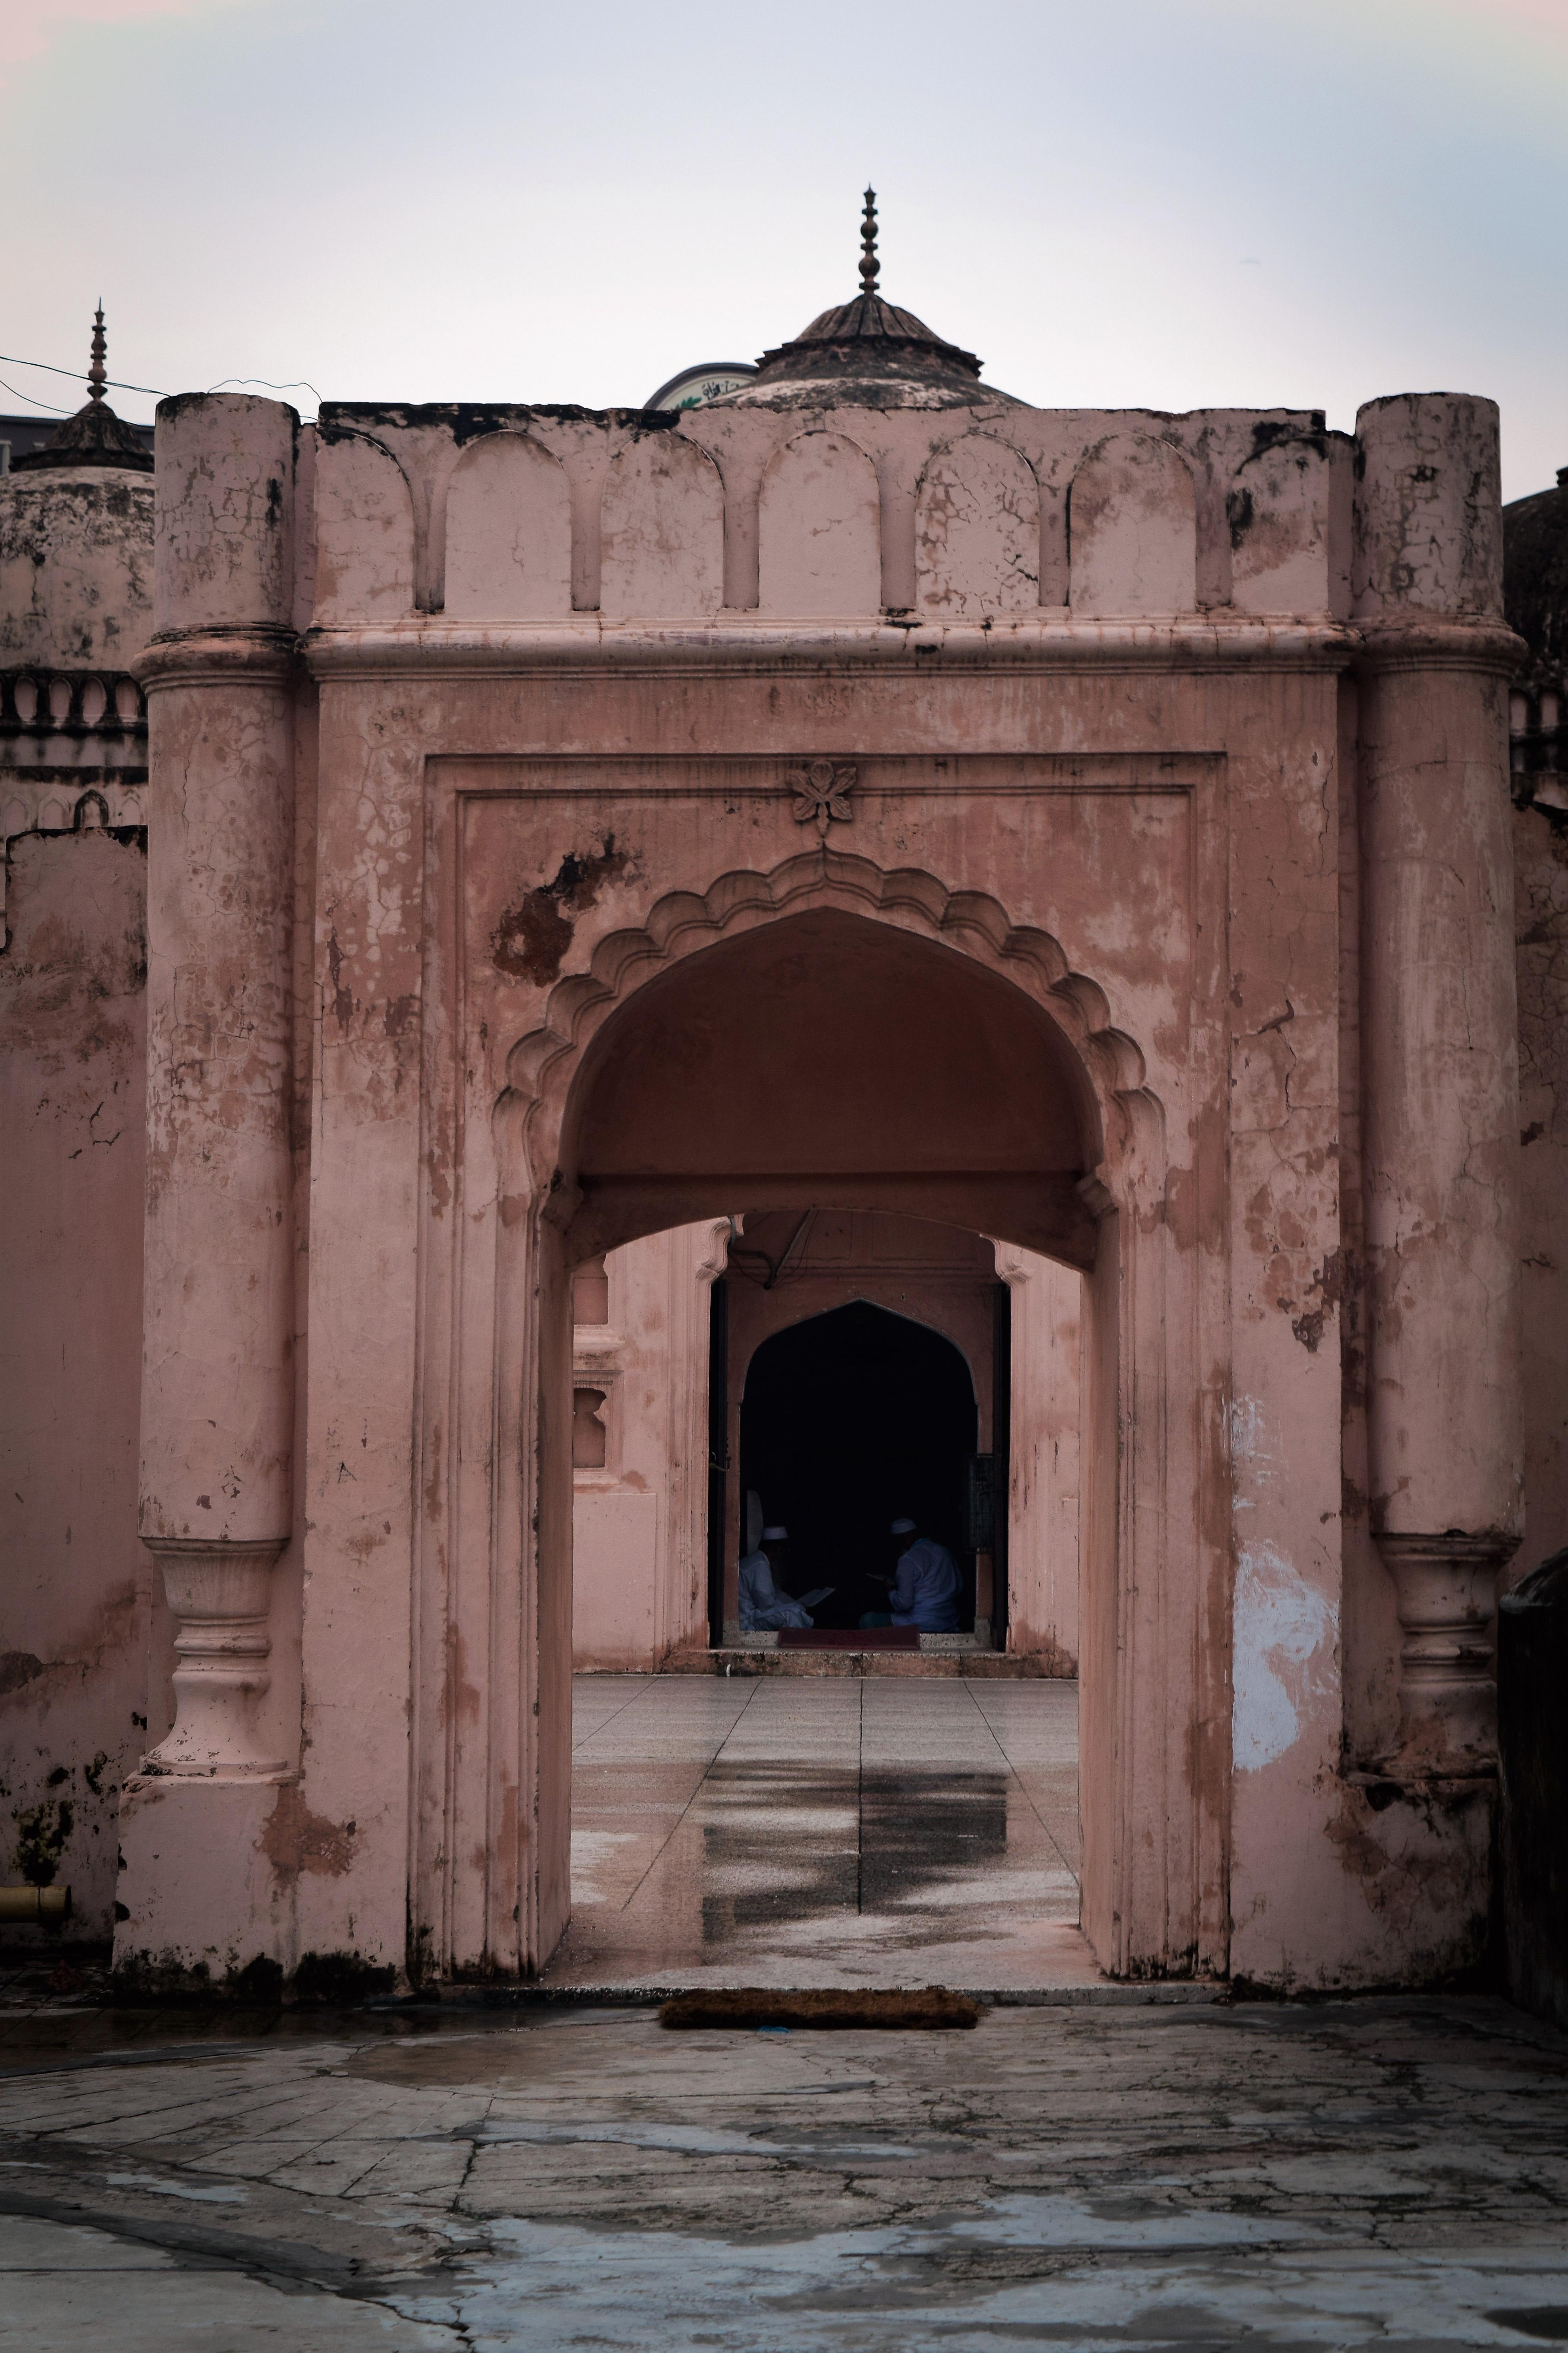 FileSat Masjid (Main door).jpg & File:Sat Masjid (Main door).jpg - Wikimedia Commons